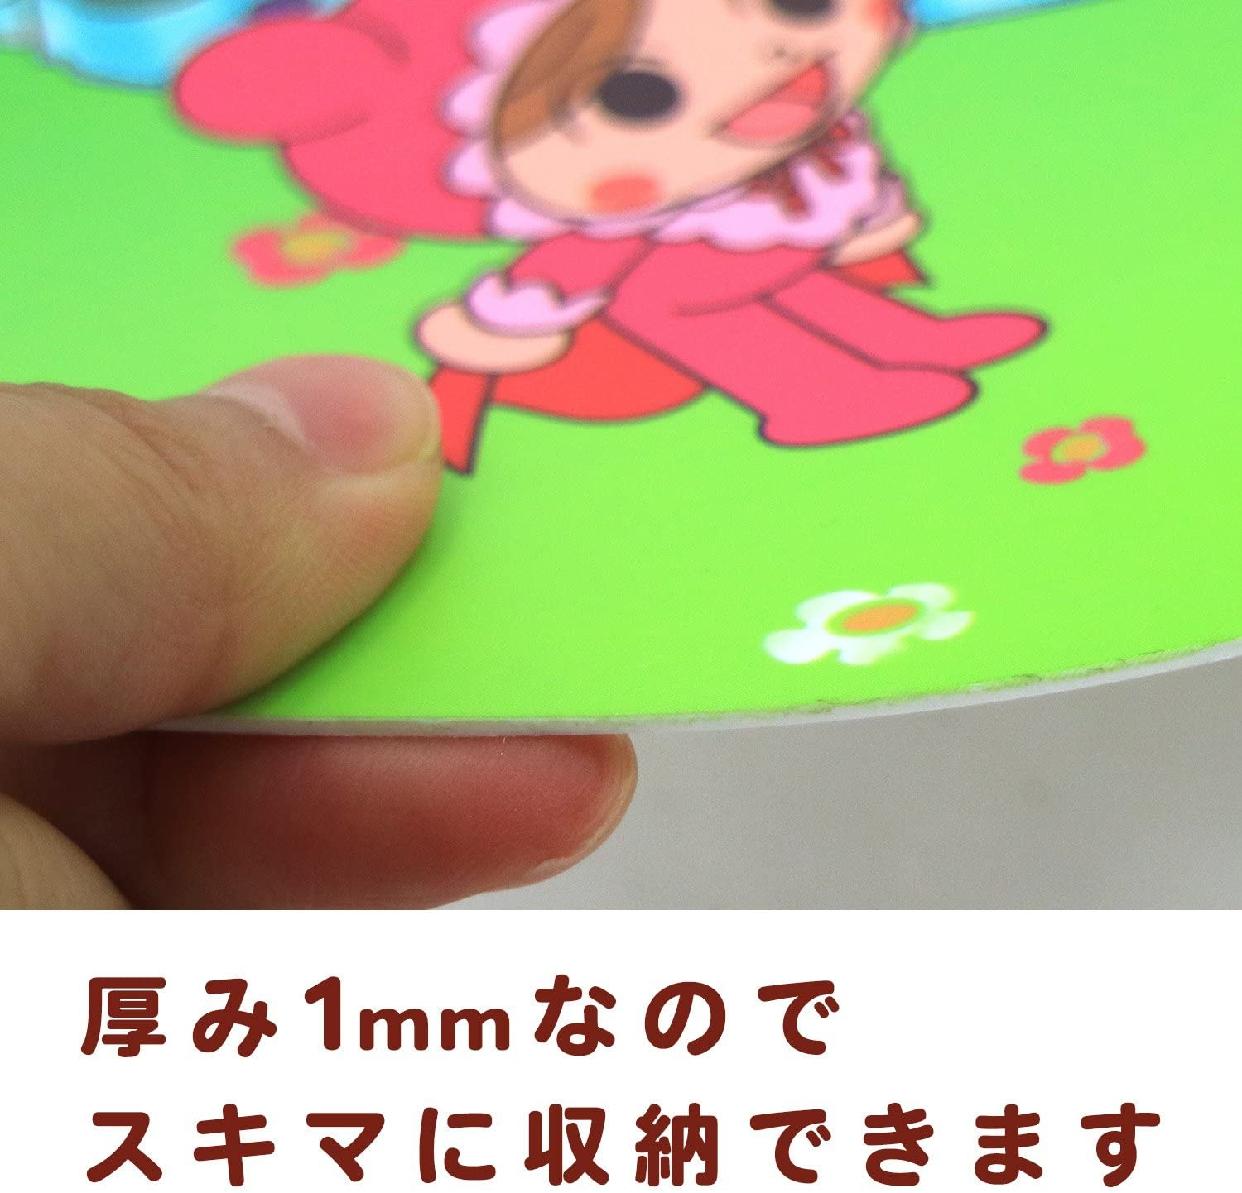 LEC(レック)アンパンマン ランチョンマット KK-259の商品画像5